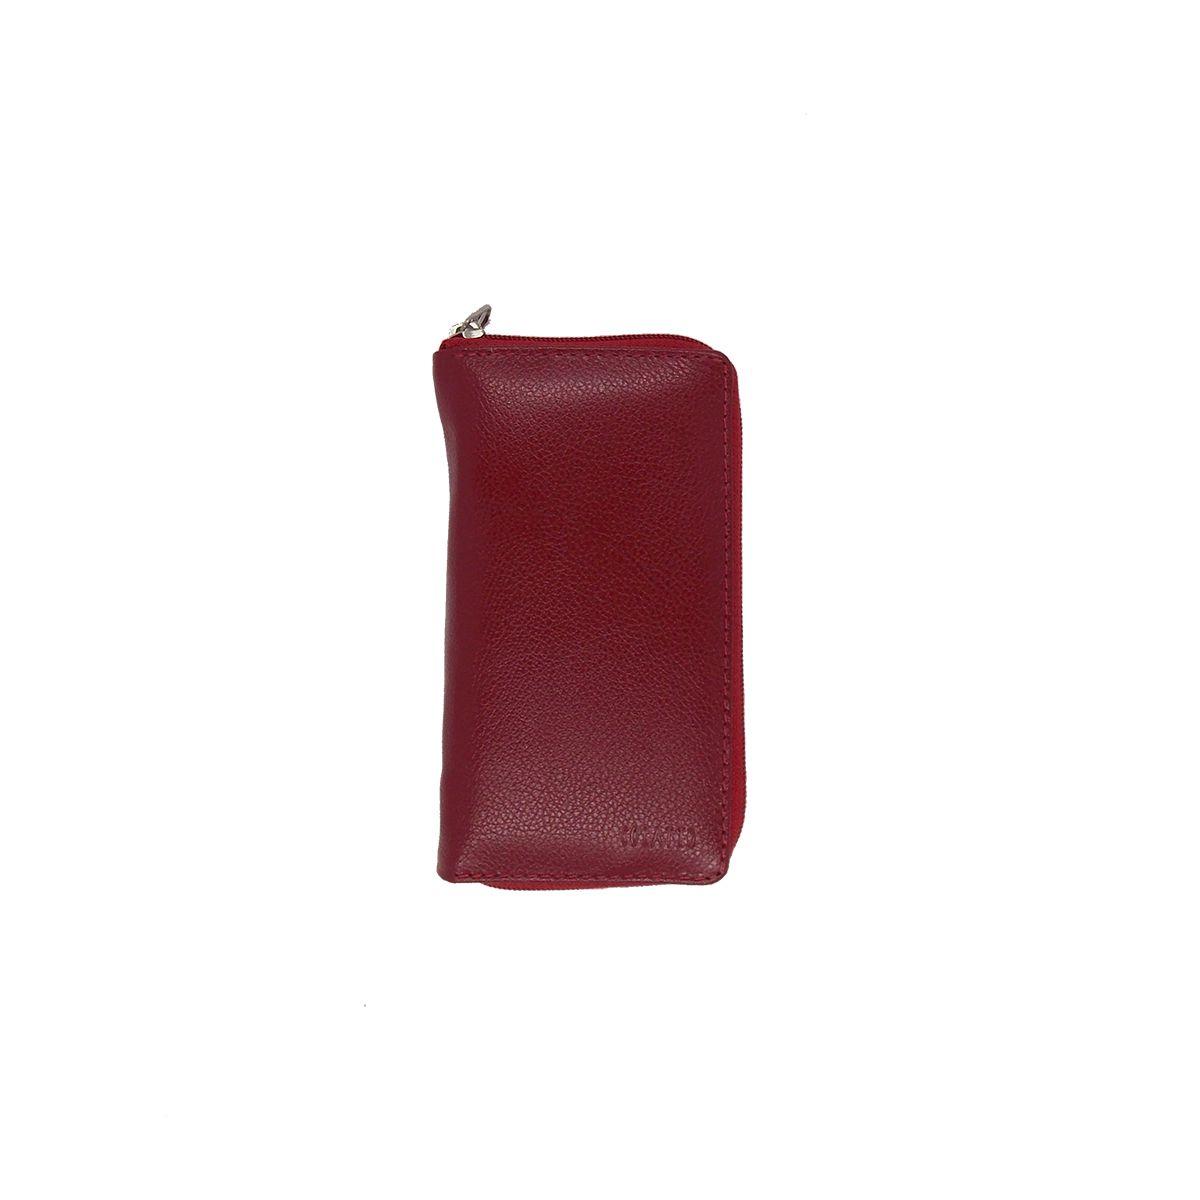 Kit Higiene Bucal em Couro Legitimo Vermelho Colatto